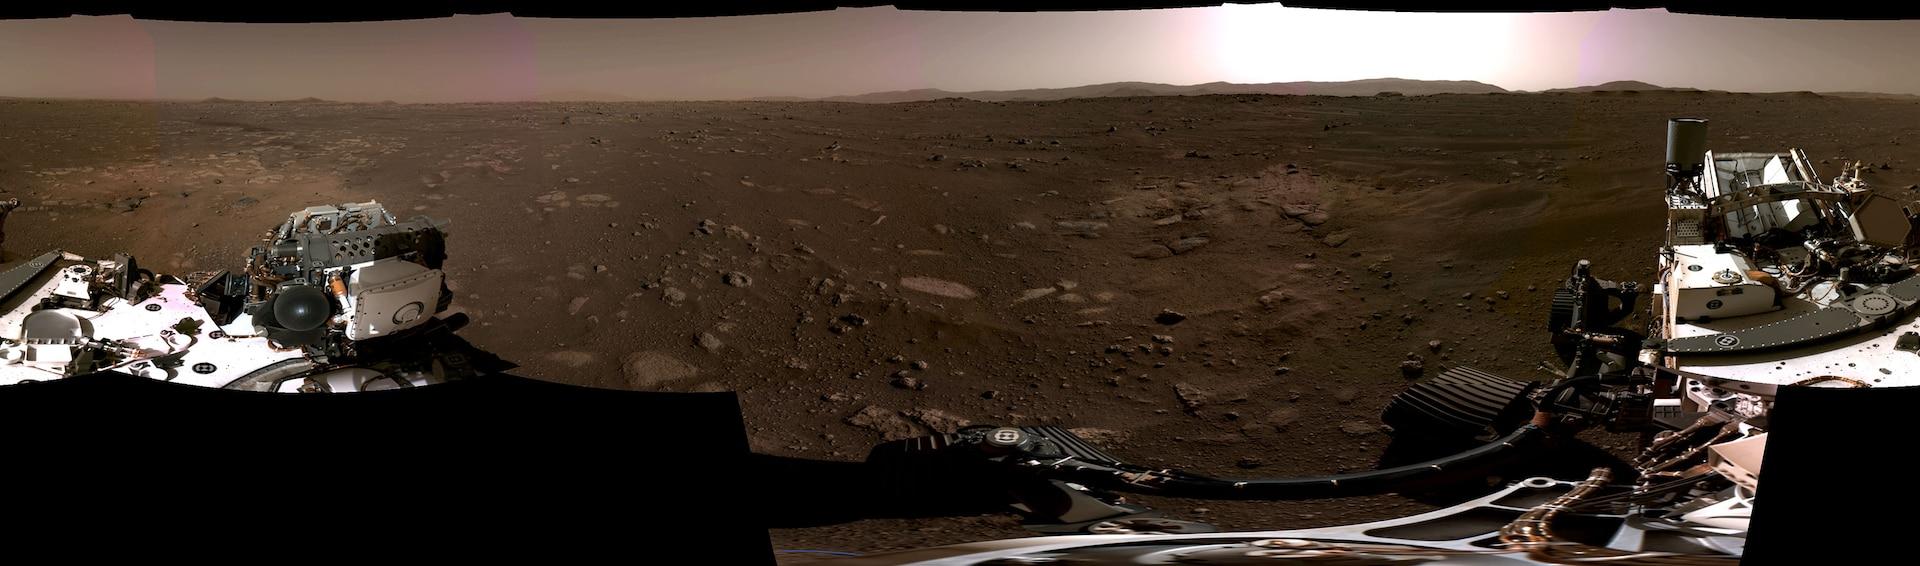 Panorama view of Mars